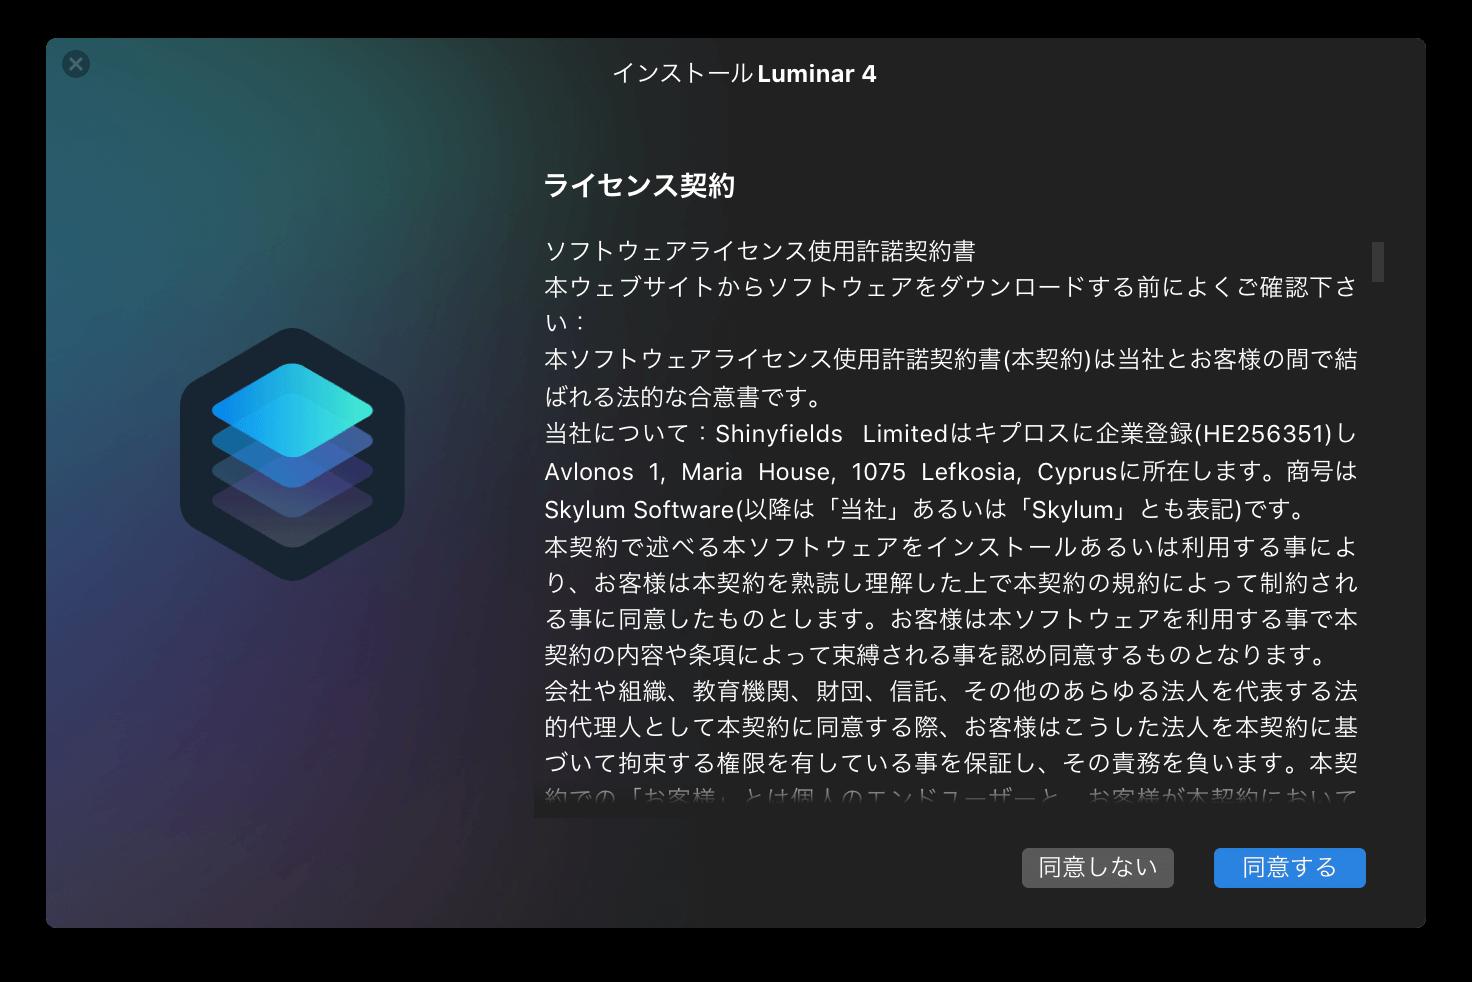 Luminar4ダウンロード